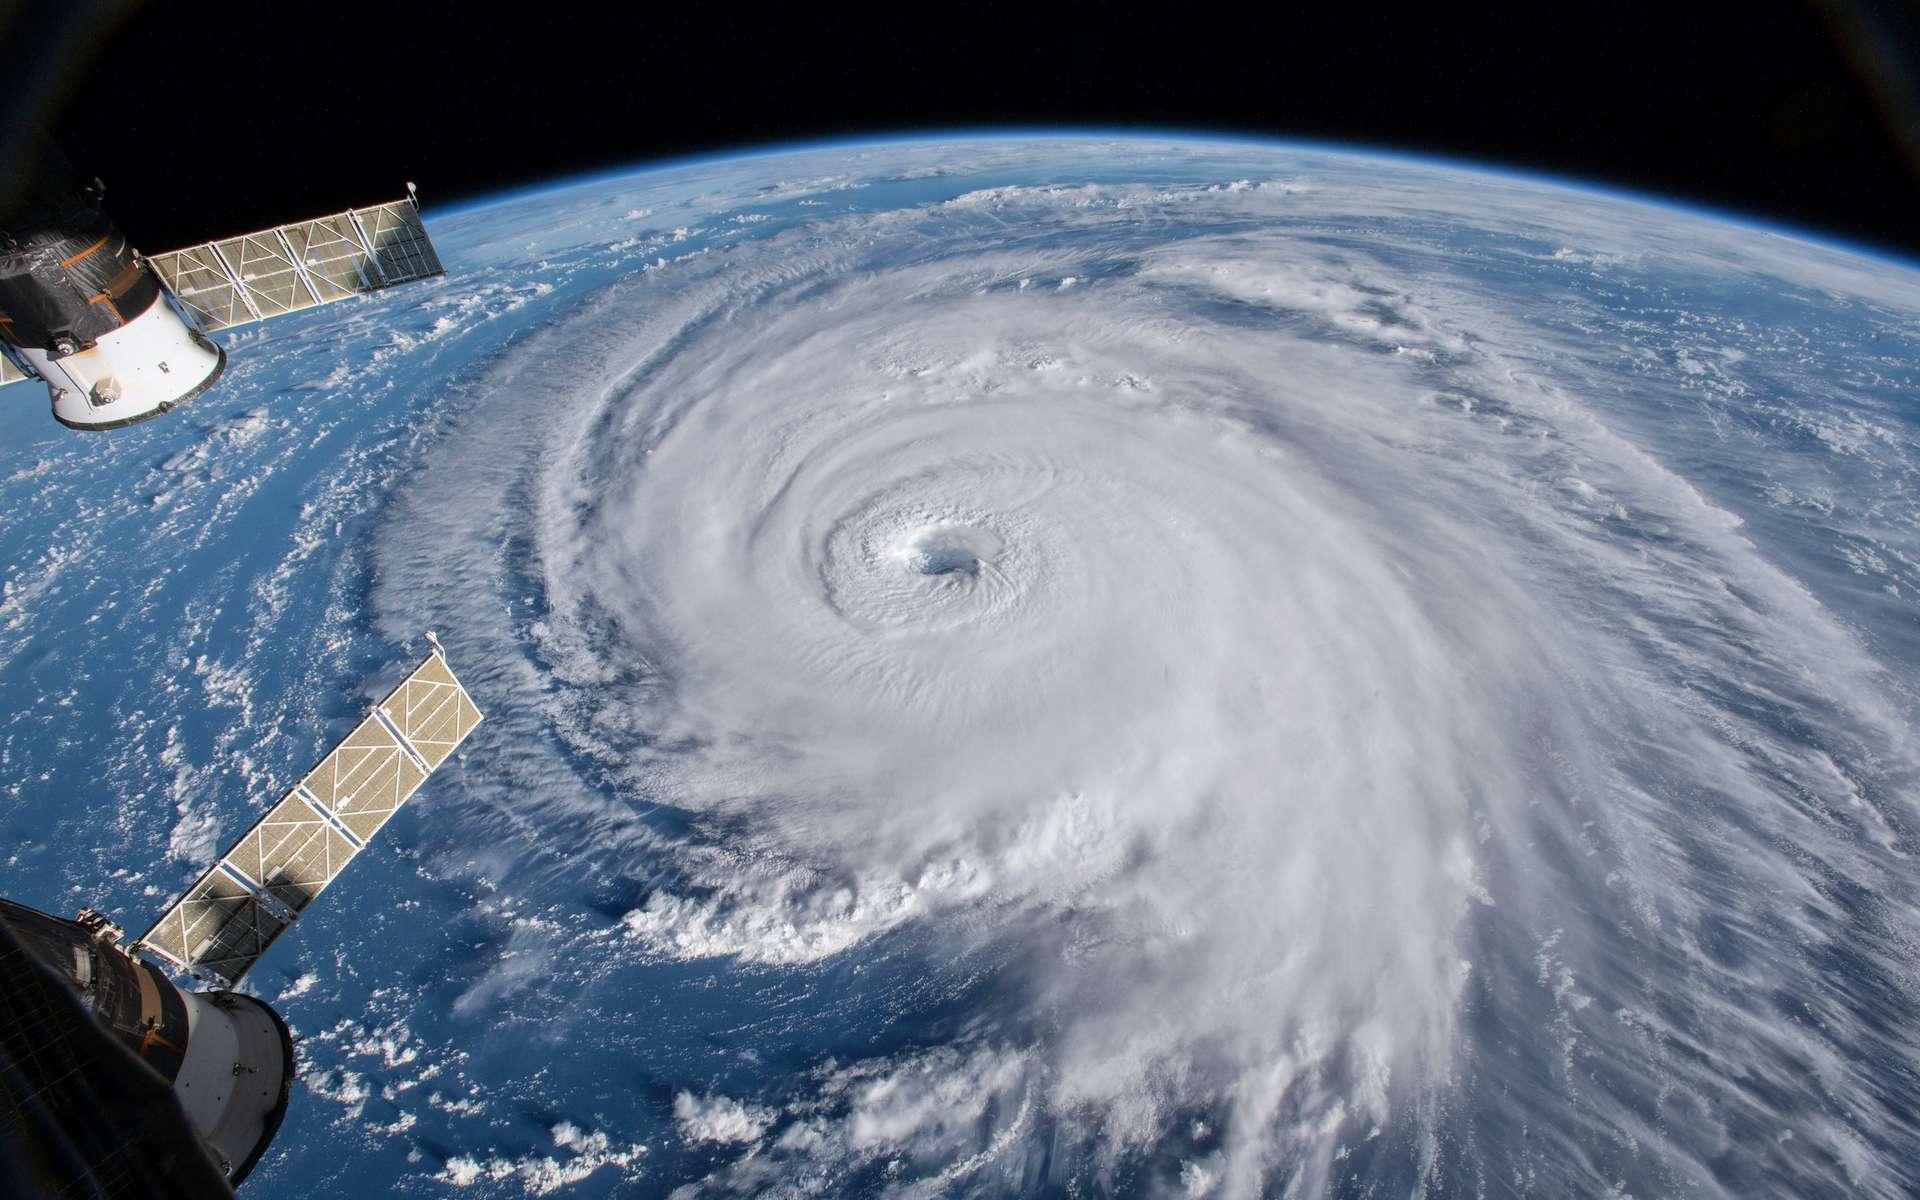 L'ouragan Laura est l'un des seuls à avoir touché terre au sommet de son intensité en cette saison 2020. Mais les chercheurs de l'Institut des sciences et des technologies d'Okinawa (Japon) signalent que le réchauffement climatique devrait conduire à des ouragans plus intenses plus longtemps. En photo : l'ouragan Florence vu depuis la Station spatiale. © Nasa ; elroce, Adobe Stock